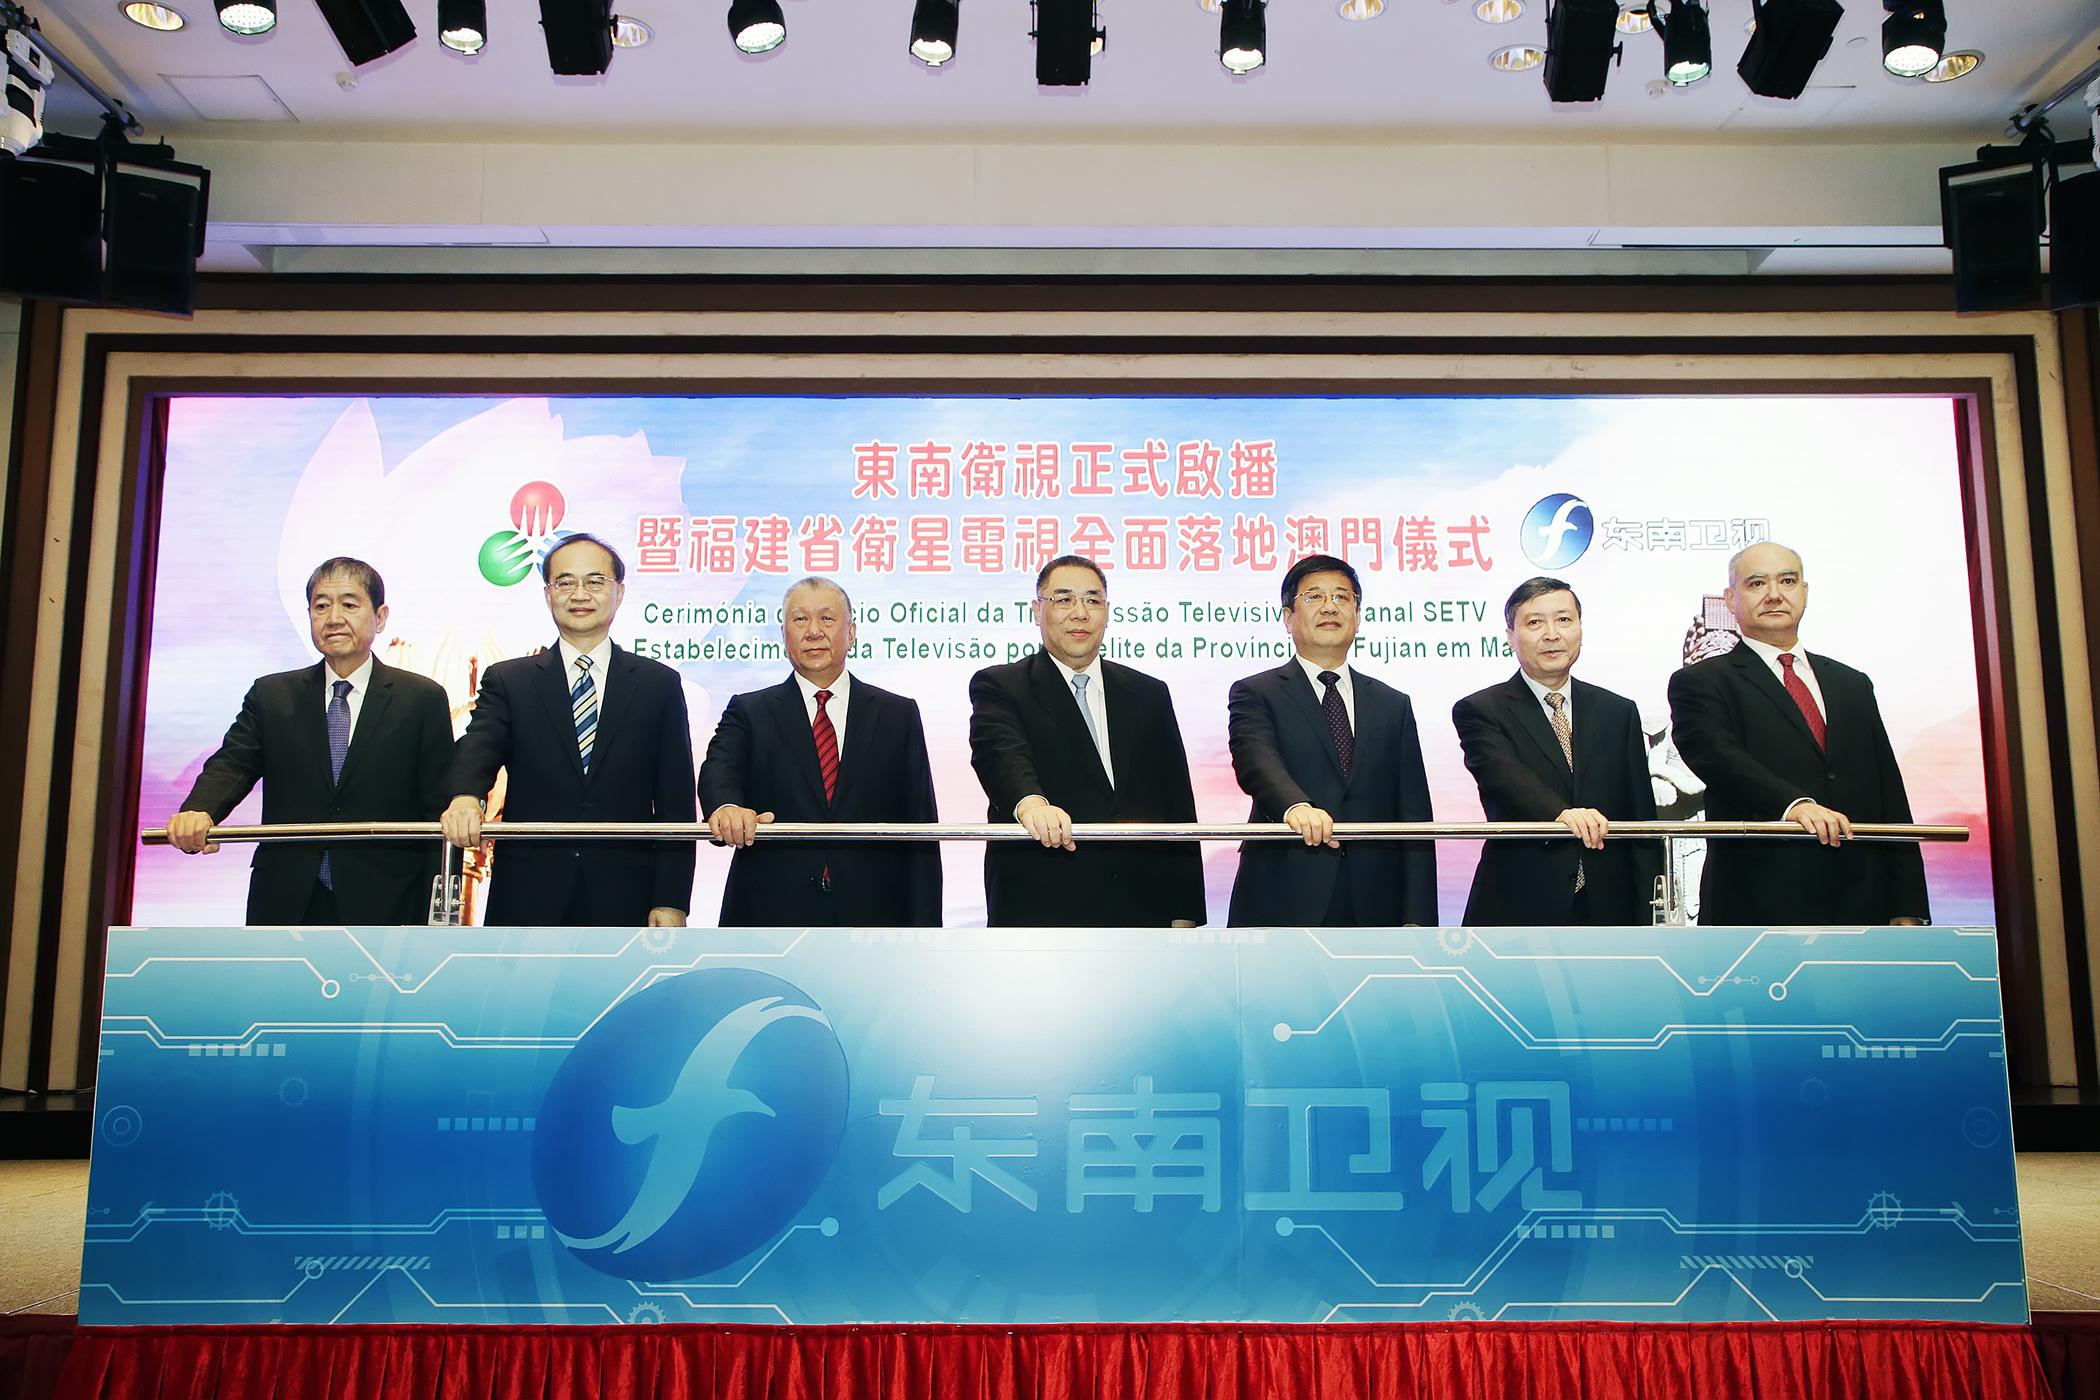 Fujian   Maior canal de televisão transmitido em Macau